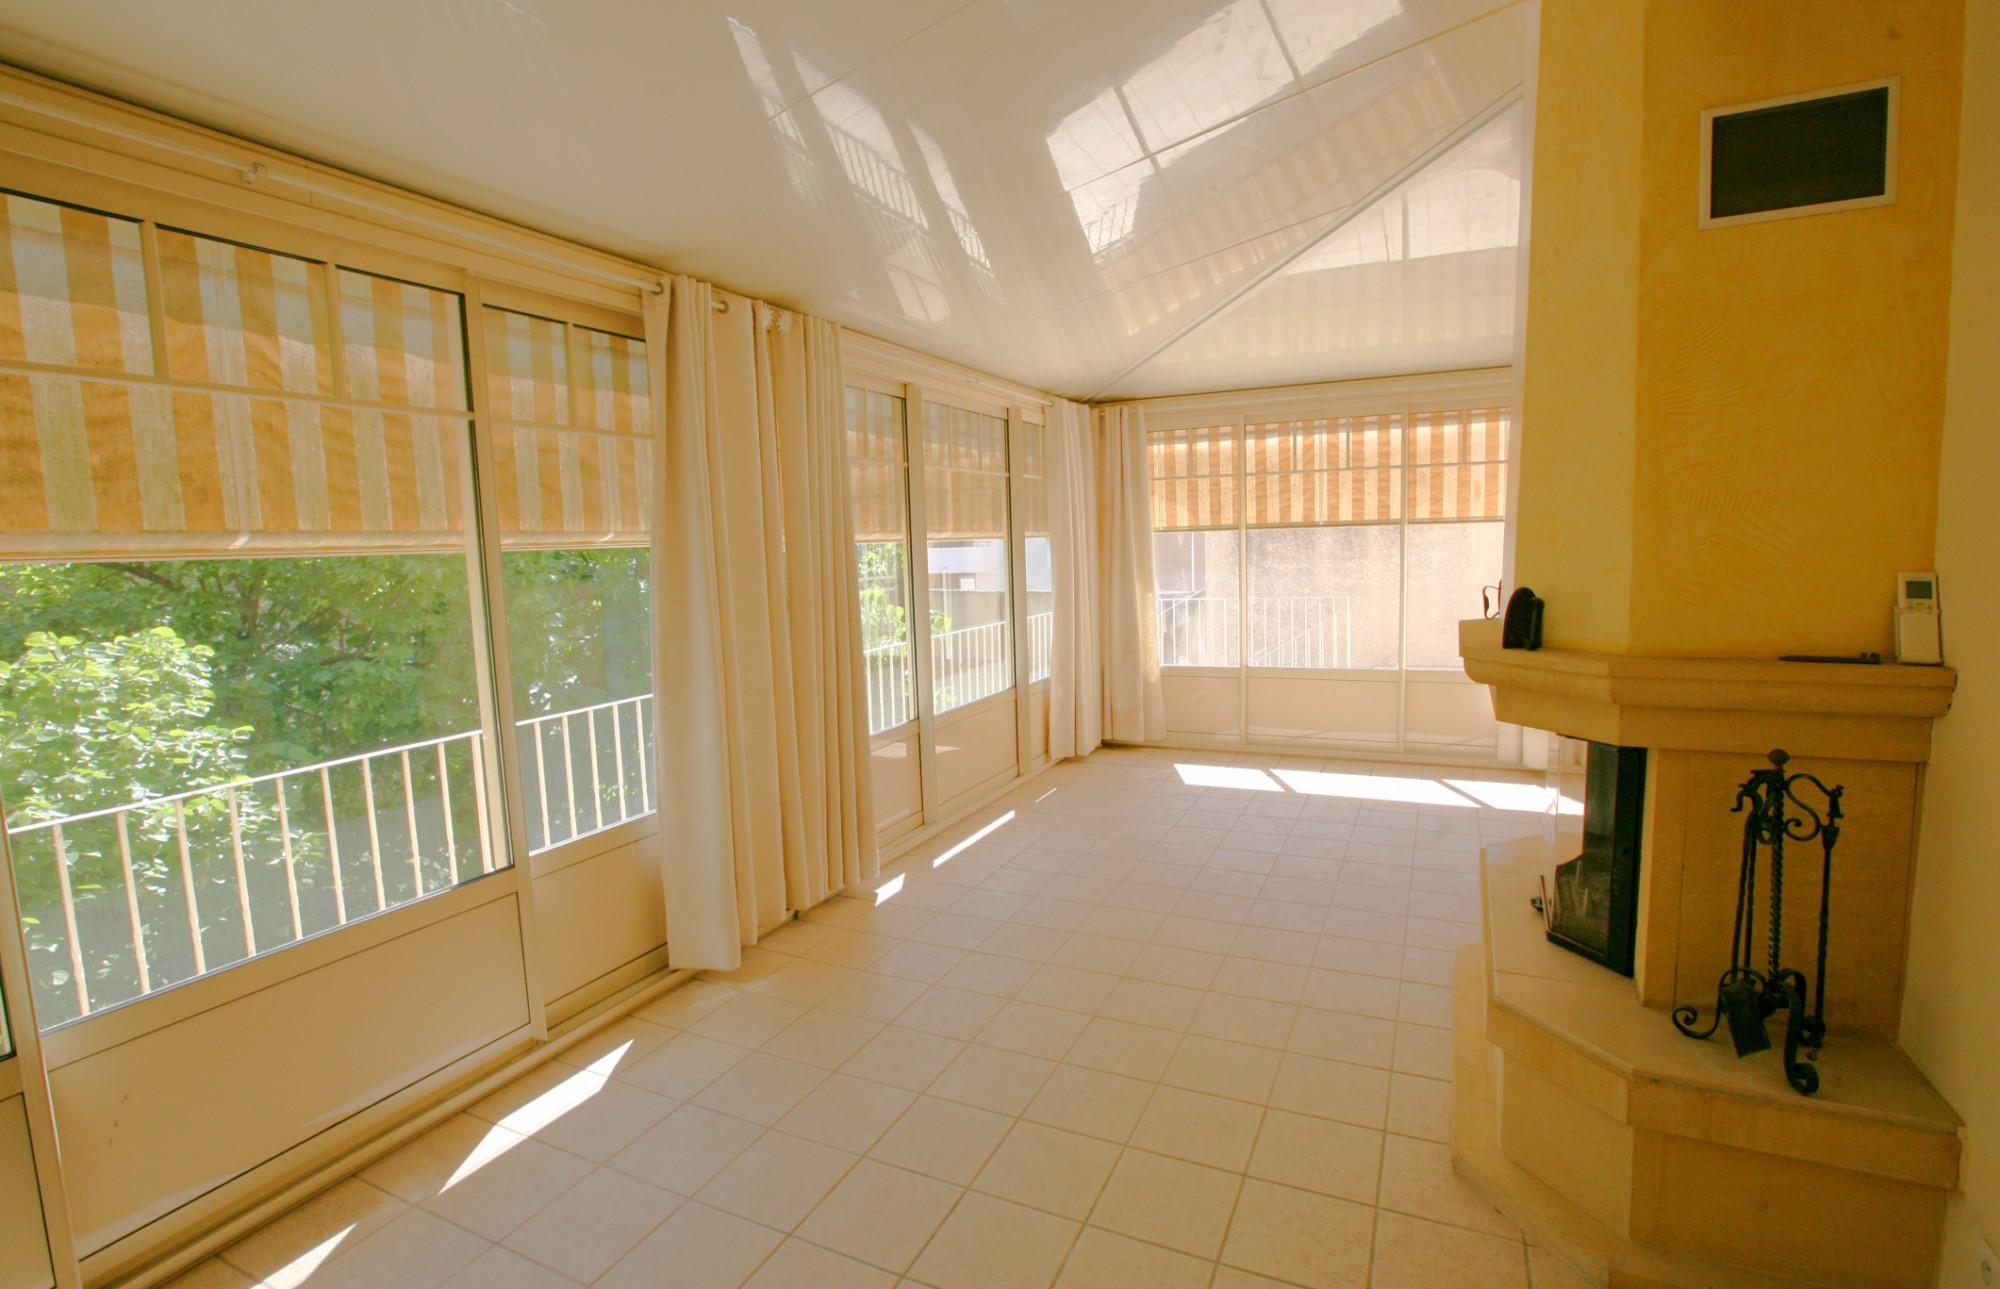 ventes a vendre en luberon vaste h tel particulier avec jardin privatif agence rosier. Black Bedroom Furniture Sets. Home Design Ideas